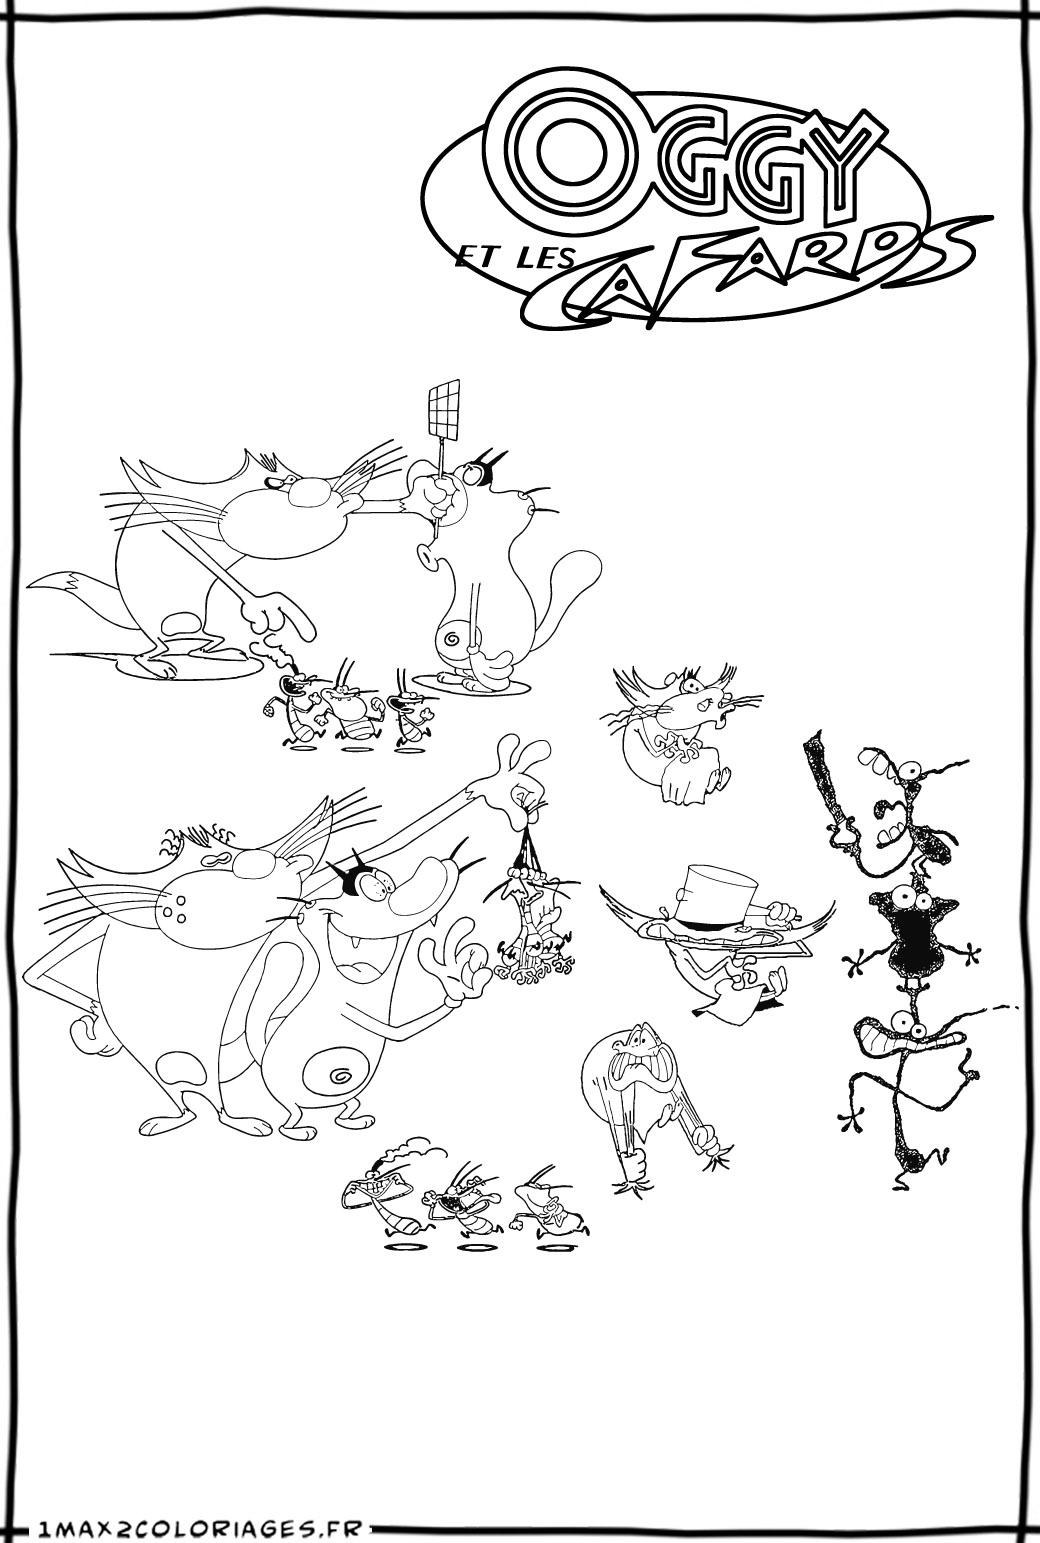 dessin � colorier gratuit oggy et les cafards